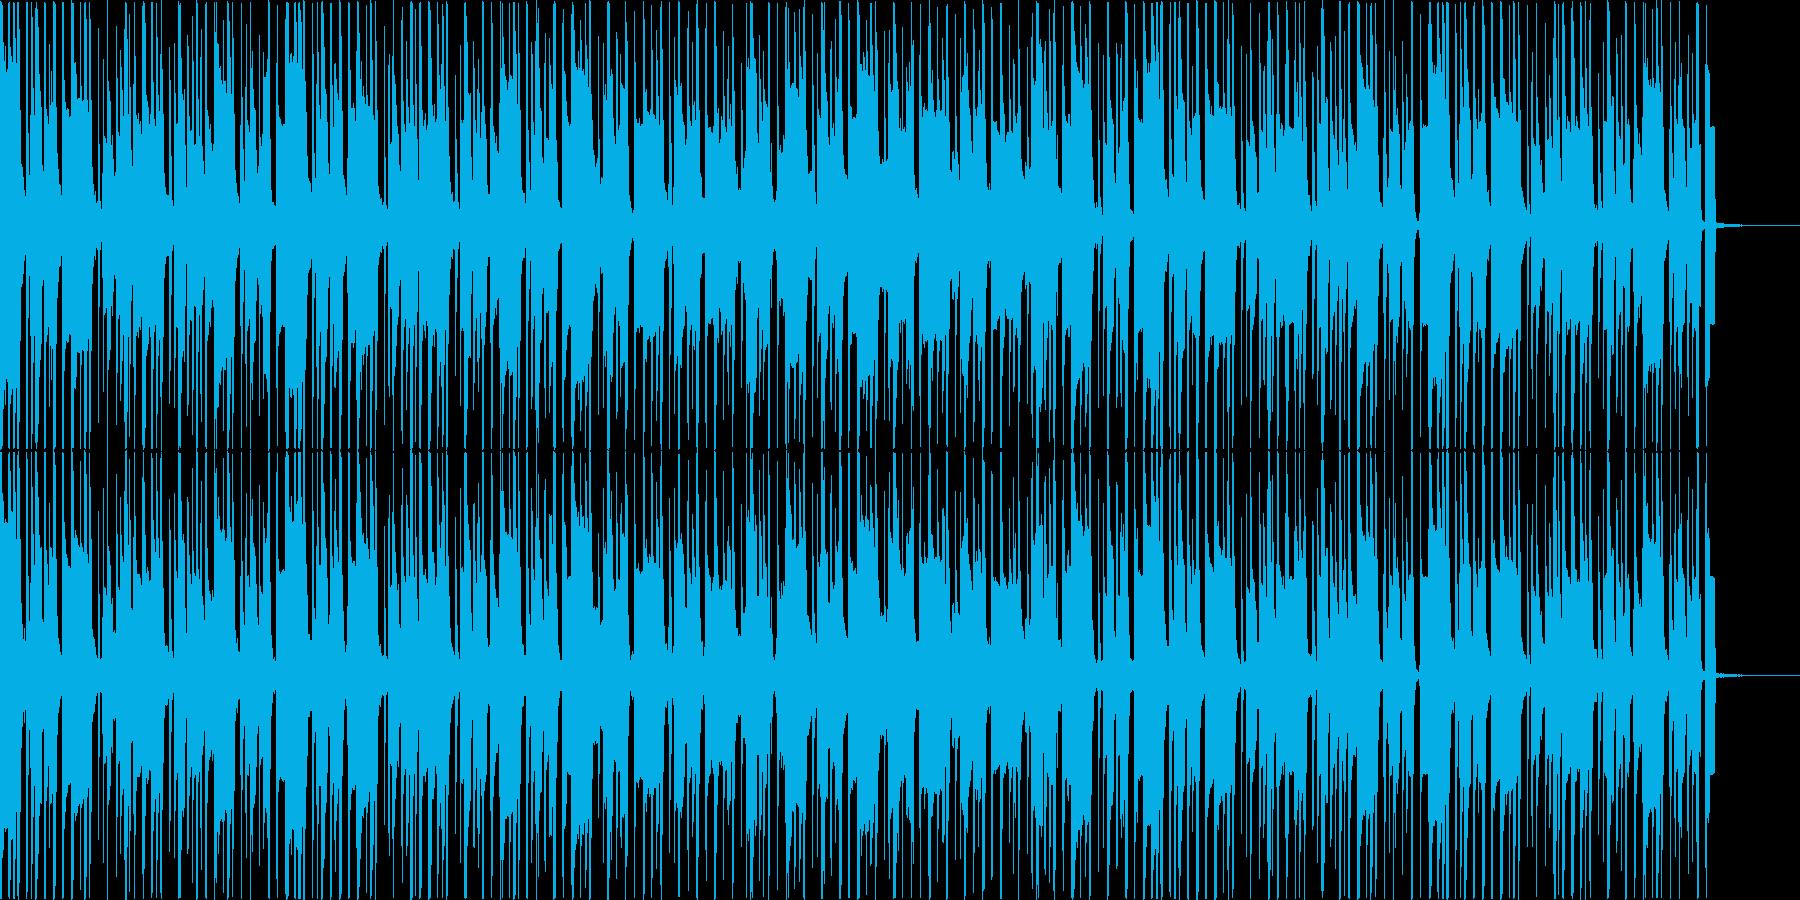 南国、トロピカル、レゲエな曲の再生済みの波形